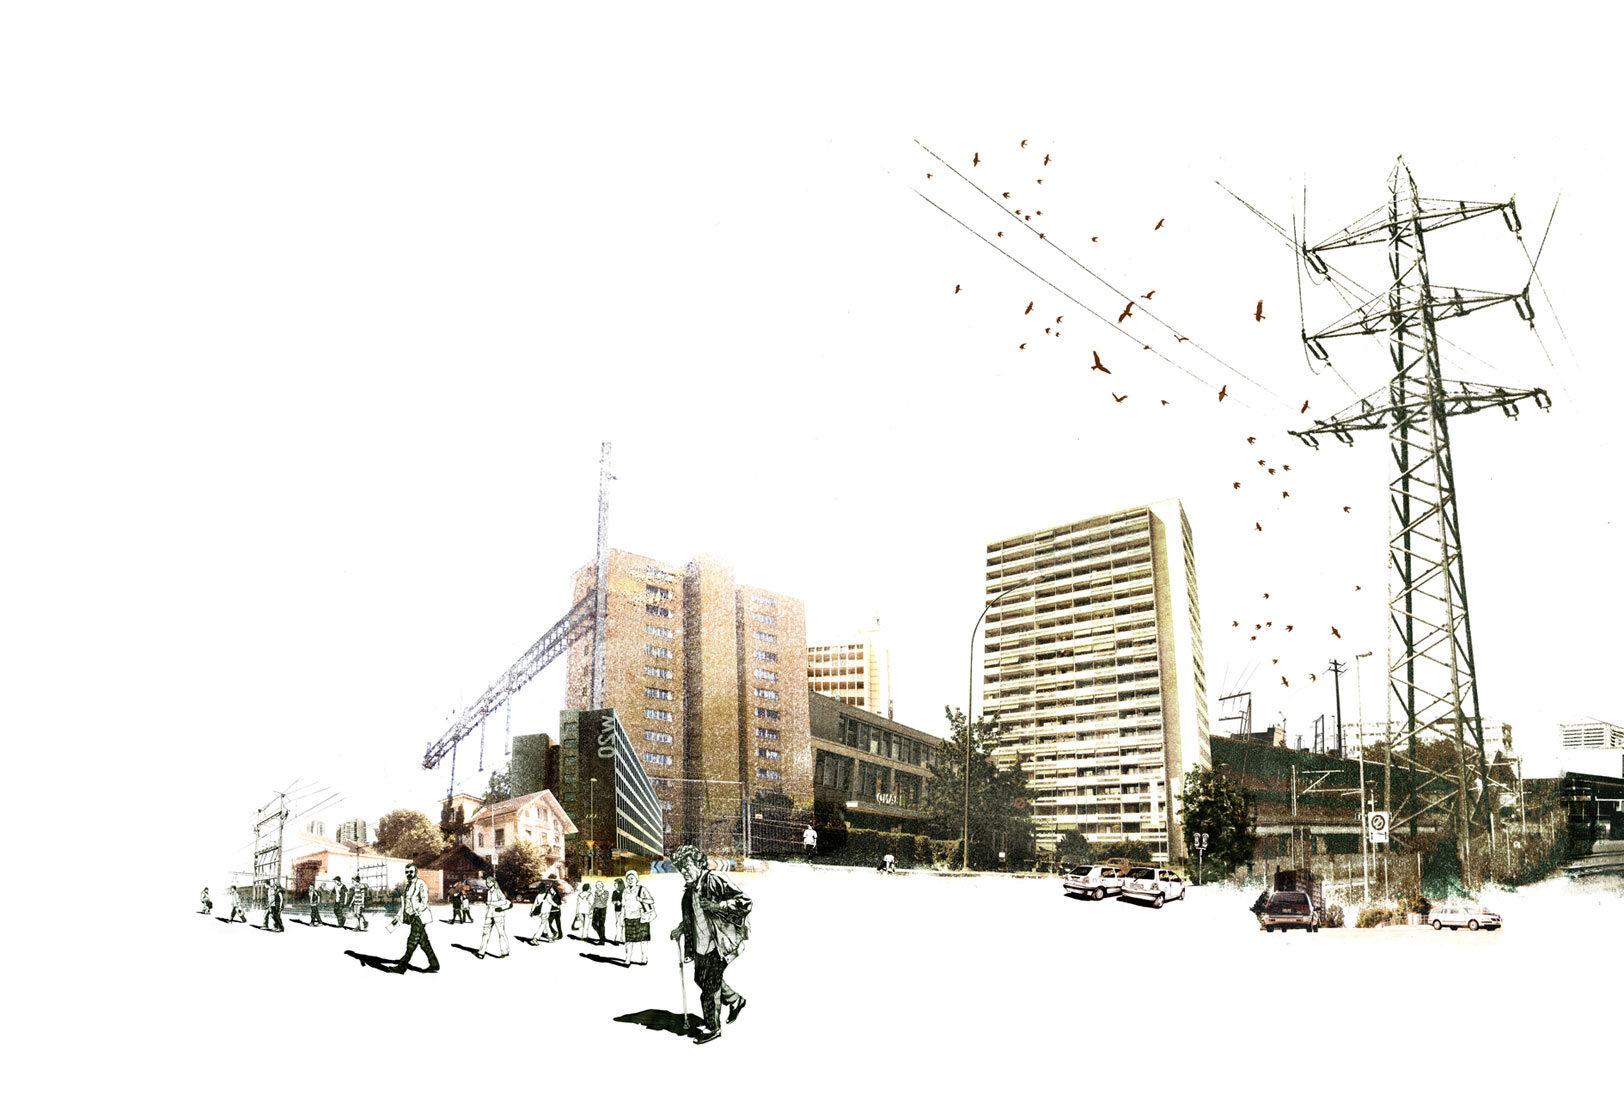 Mise en scene 4 - Kornel Illustration | Kornel Stadler portfolio